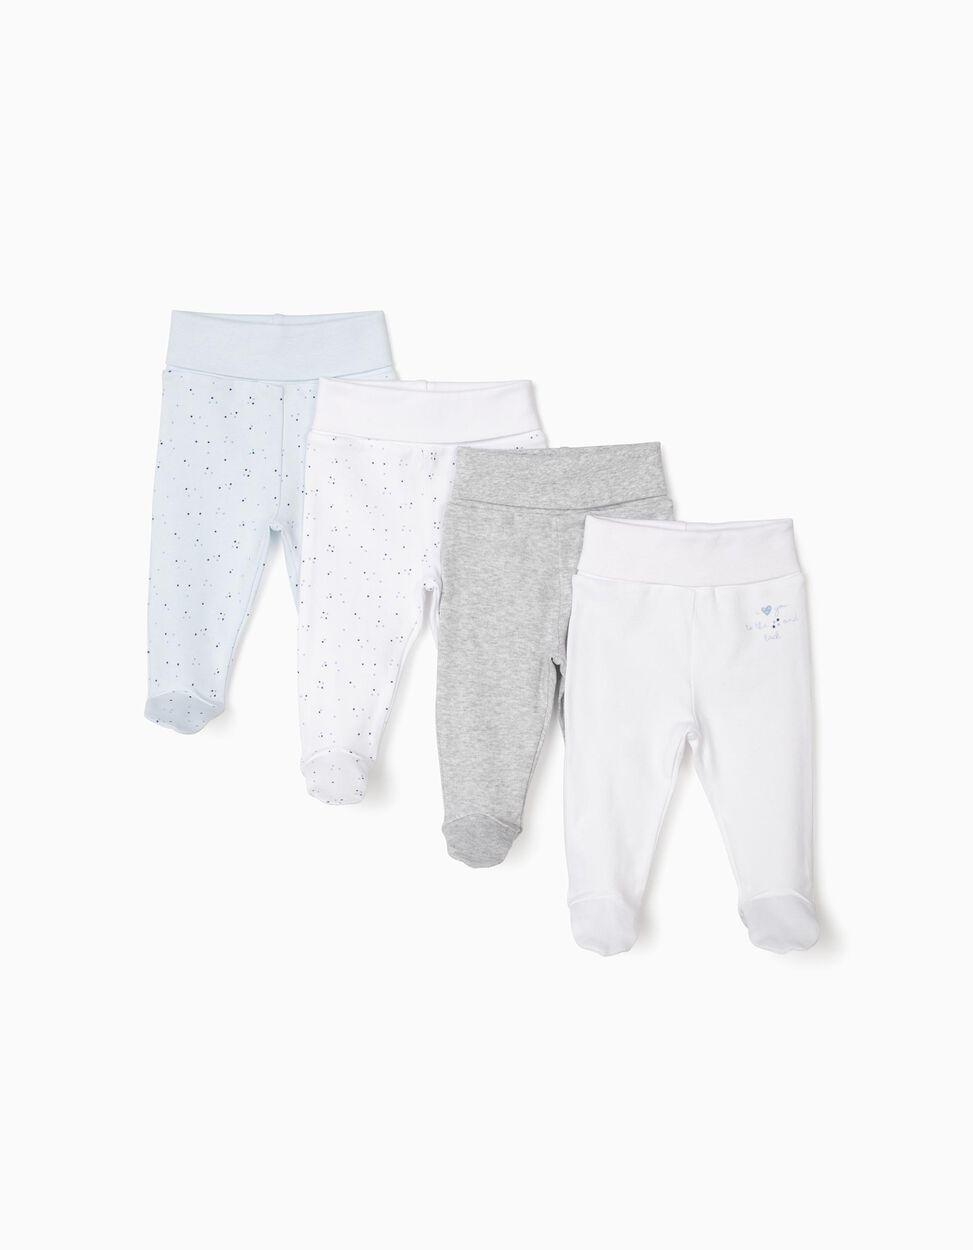 4 Pantalones Con Pies Para Recien Nacido Gris Blanco Y Azul Zy Baby Zippy Online